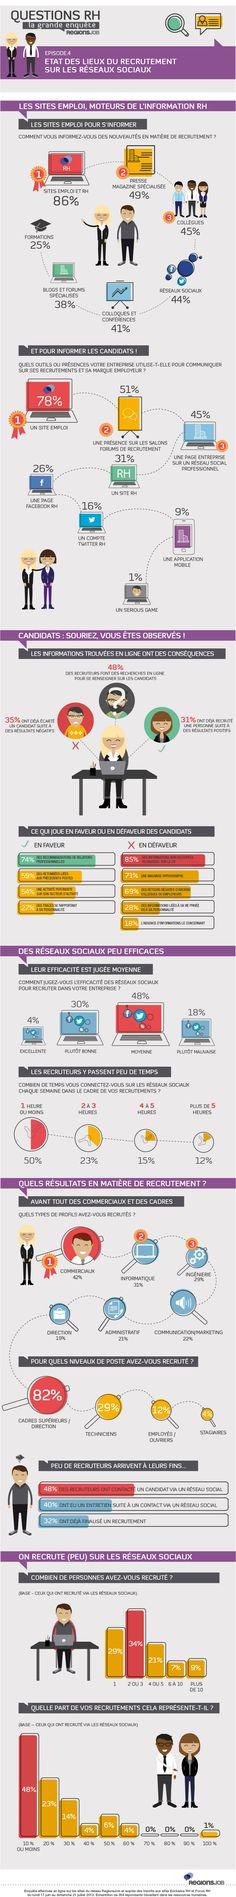 La question de l'efficacité des réseaux sociaux comme outils de recrutement se pose régulièrement. Depuis plusieurs années, RegionsJob réali...